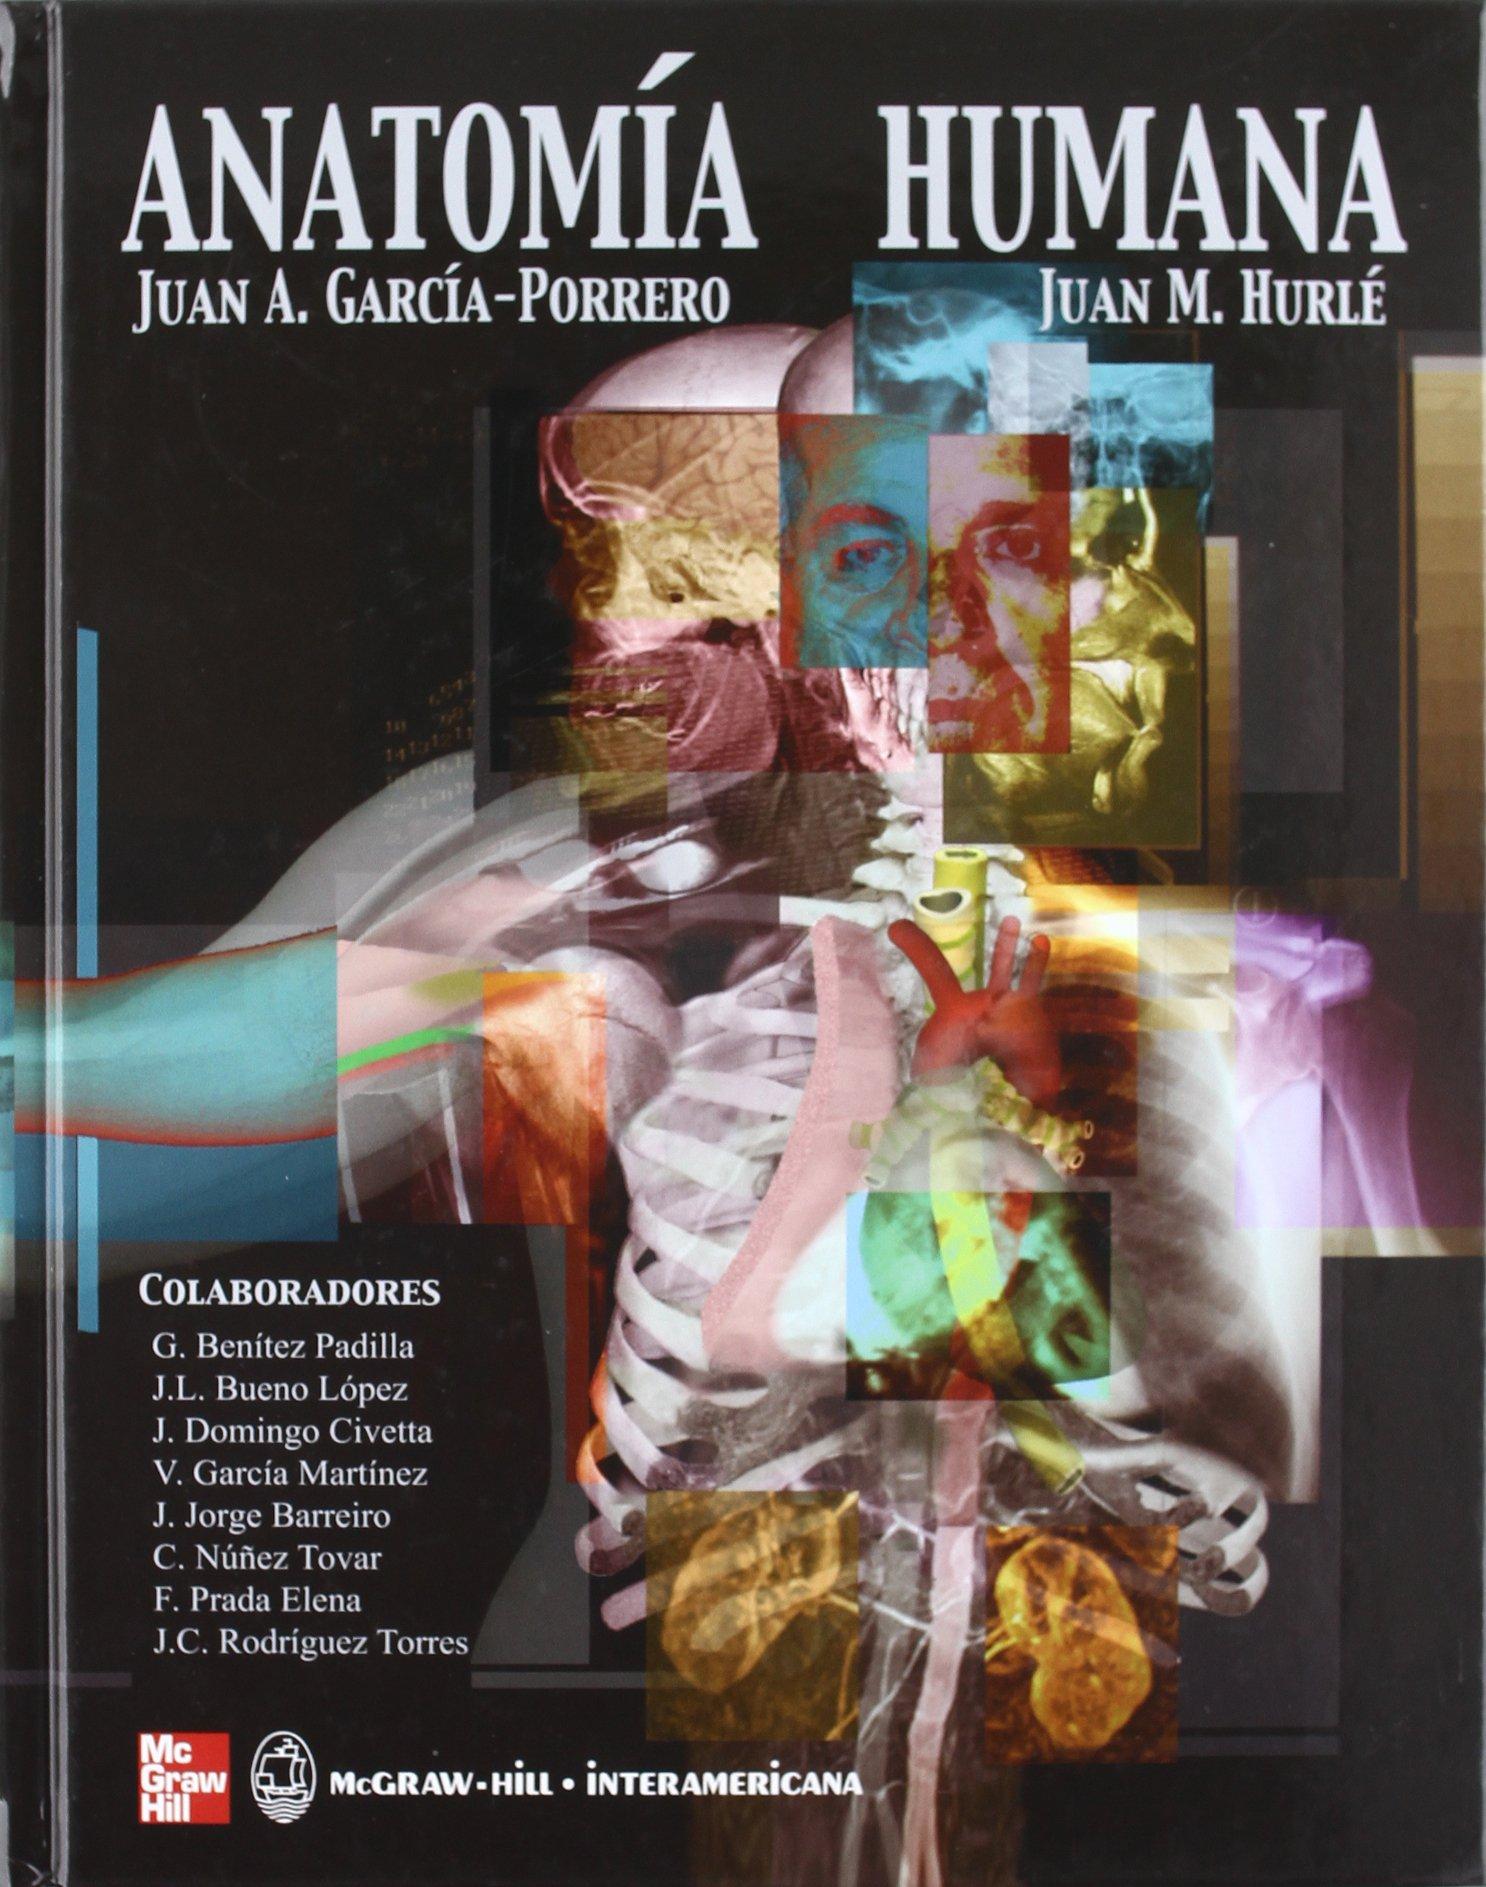 Anatomía Humana: Amazon.es: Juan García-Porrero, Juan Hurlé: Libros